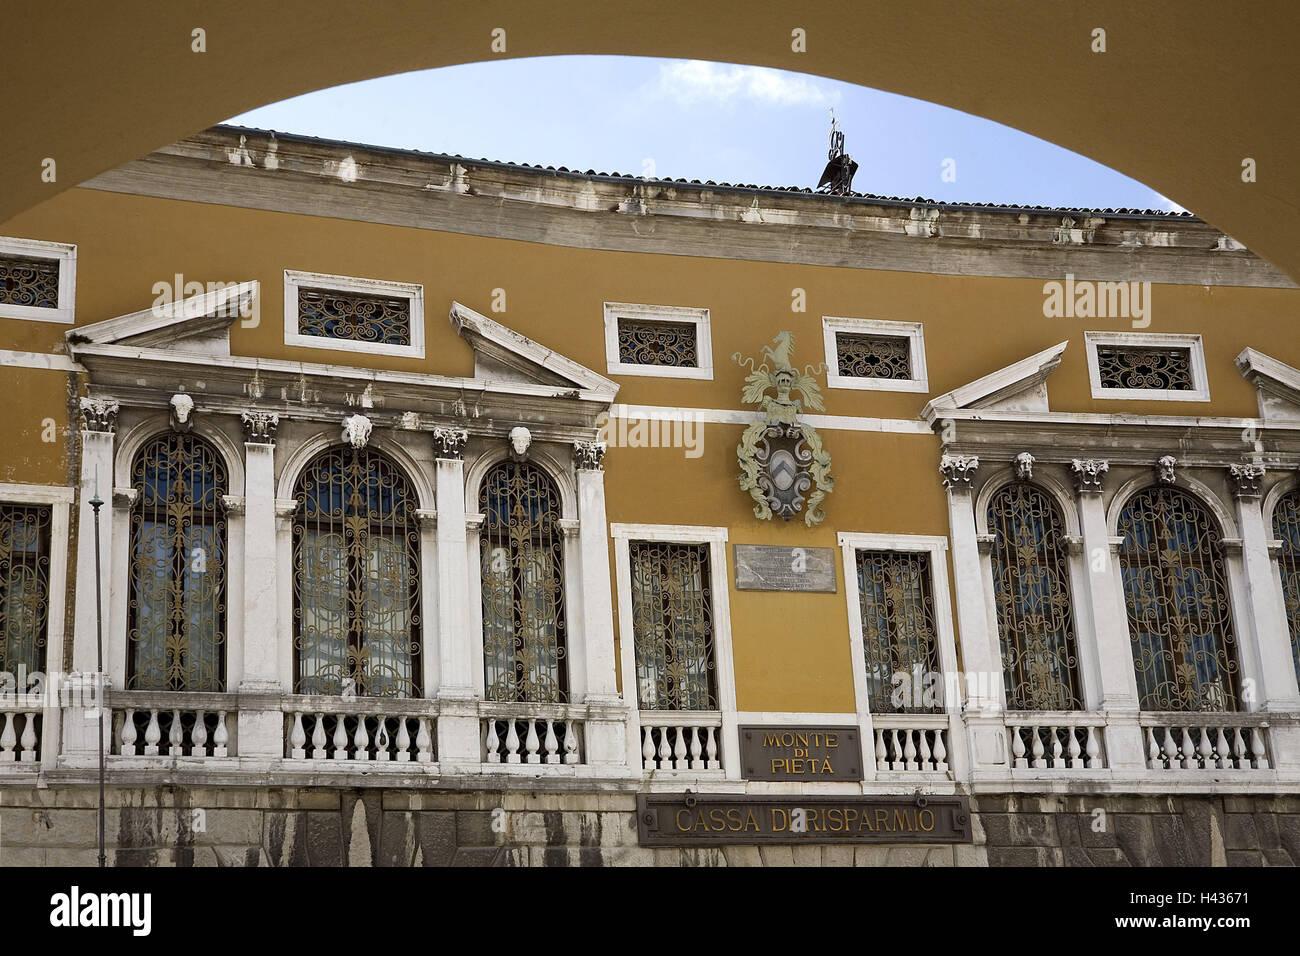 Italy, Udine, Mercato Vecchio, Palazzo del Monte di Pieta, facade, detail, house, building, palace, structure, architecture, - Stock Image